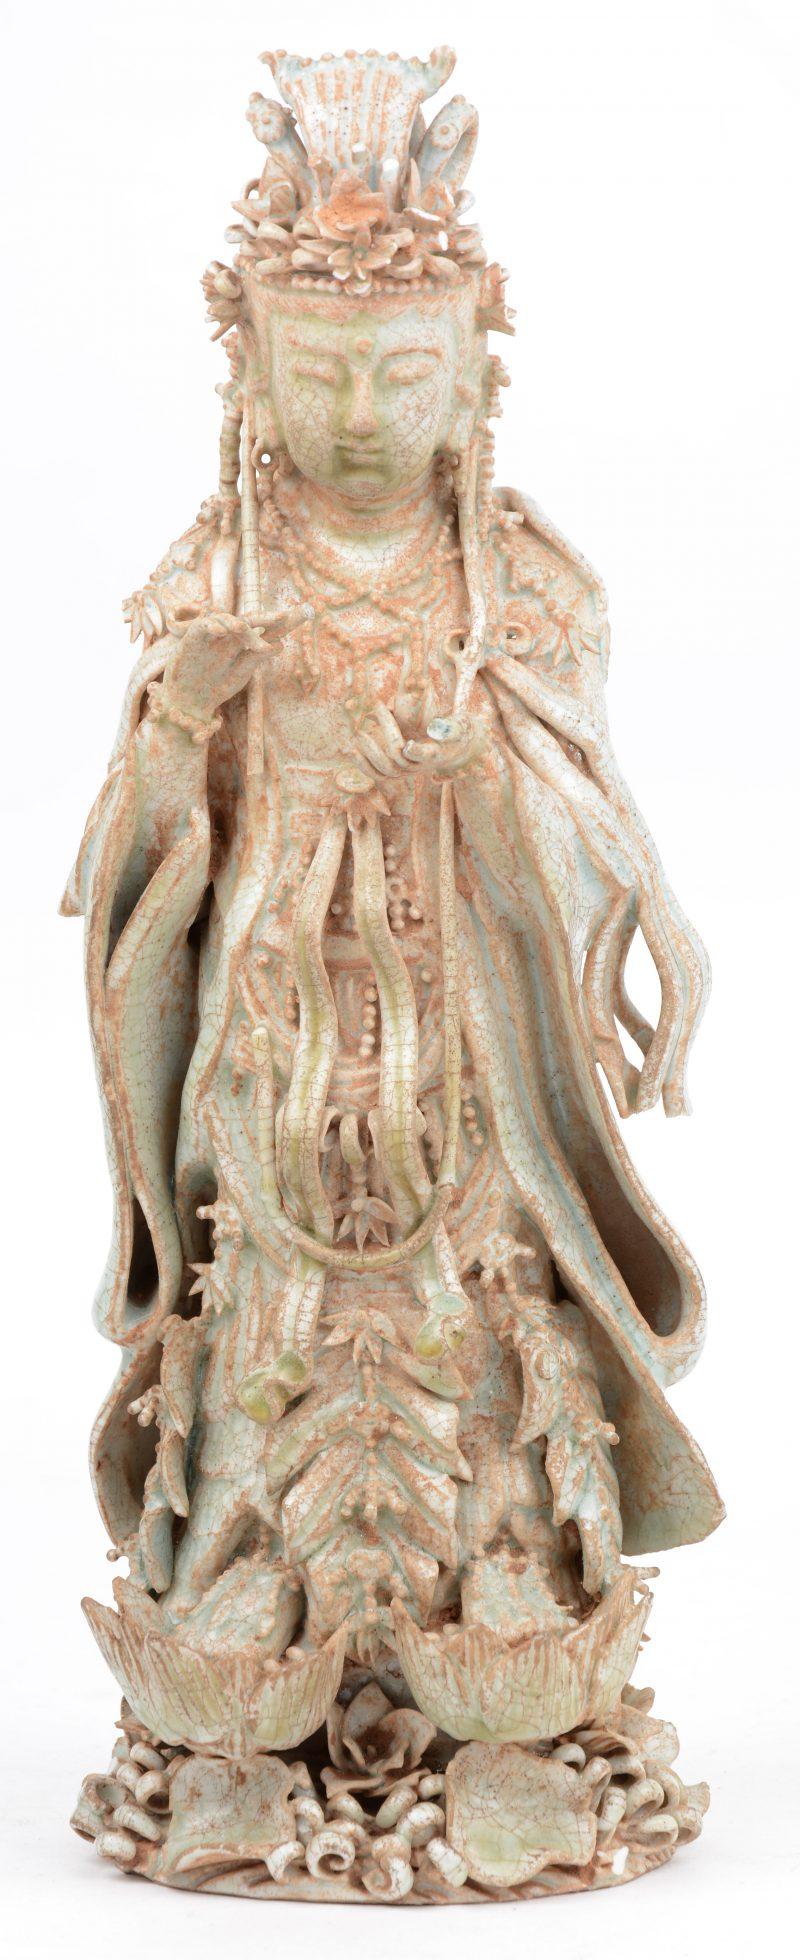 Een Quanyin van geqraqueleerd aardewerk in de stijl van het Qingbai-aardewerk. Diverse beschadigingen.